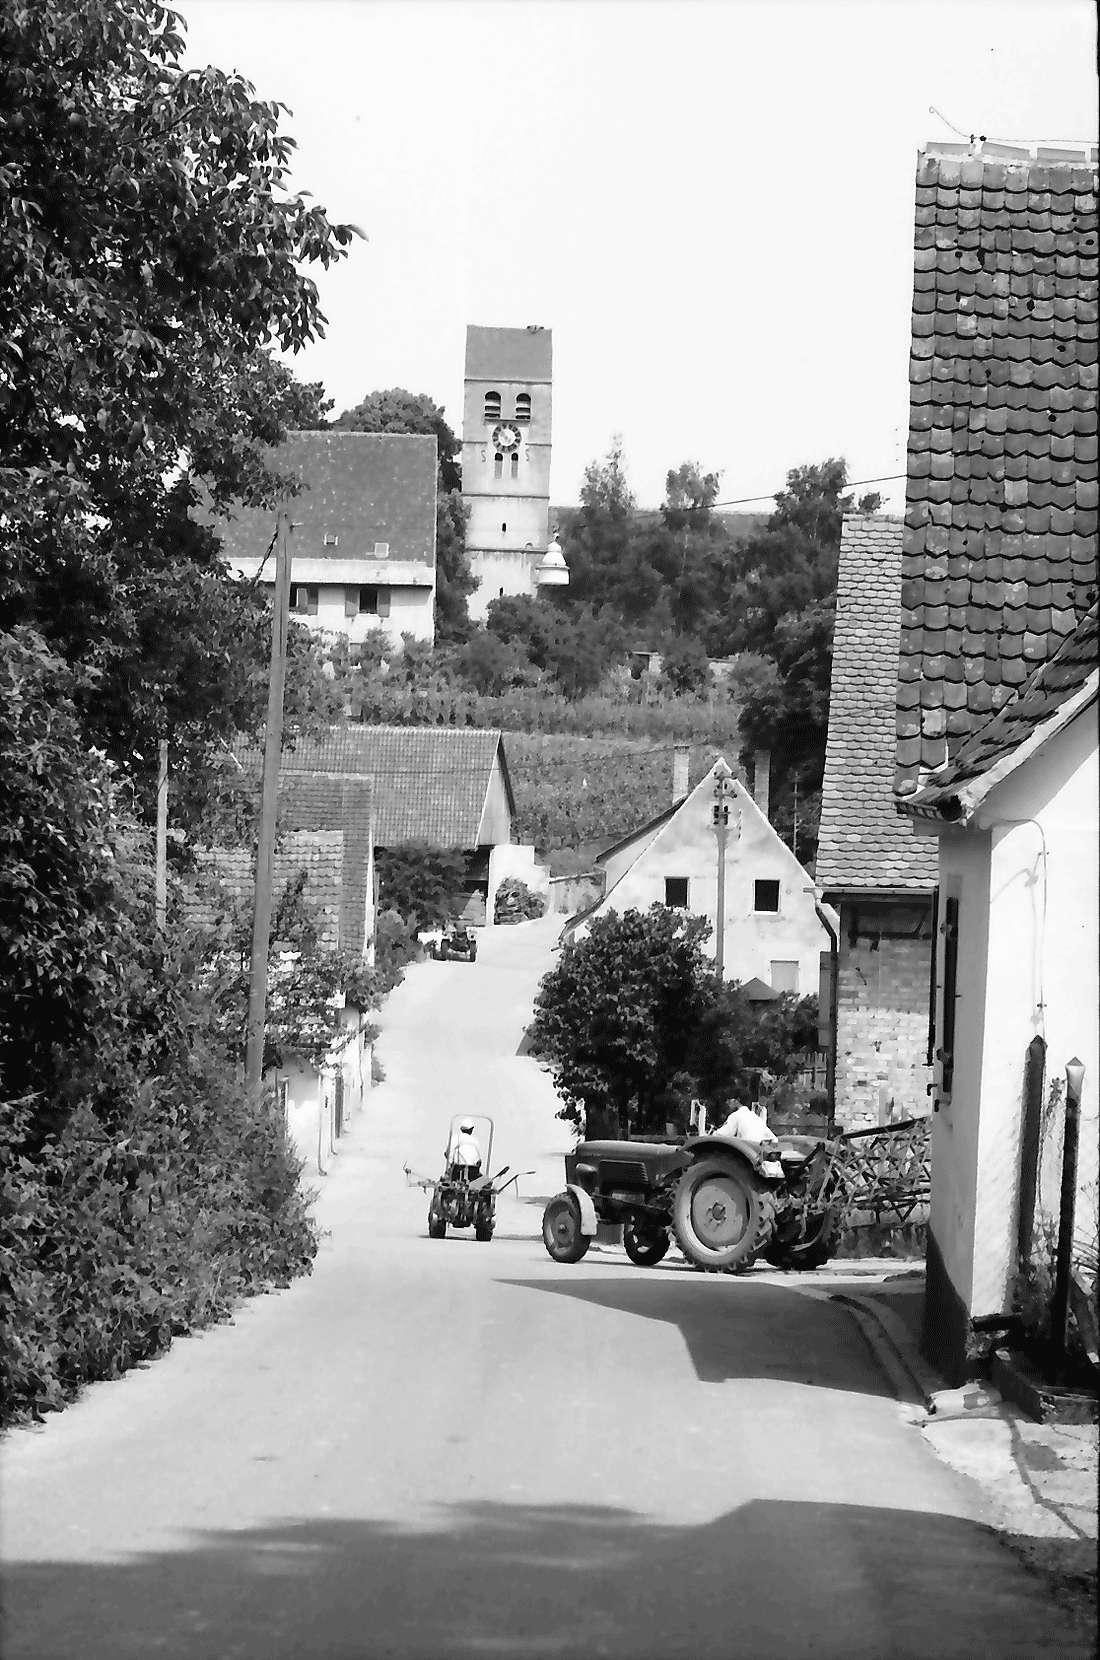 Betberg: Gasse mit Kirchturm, Bild 2